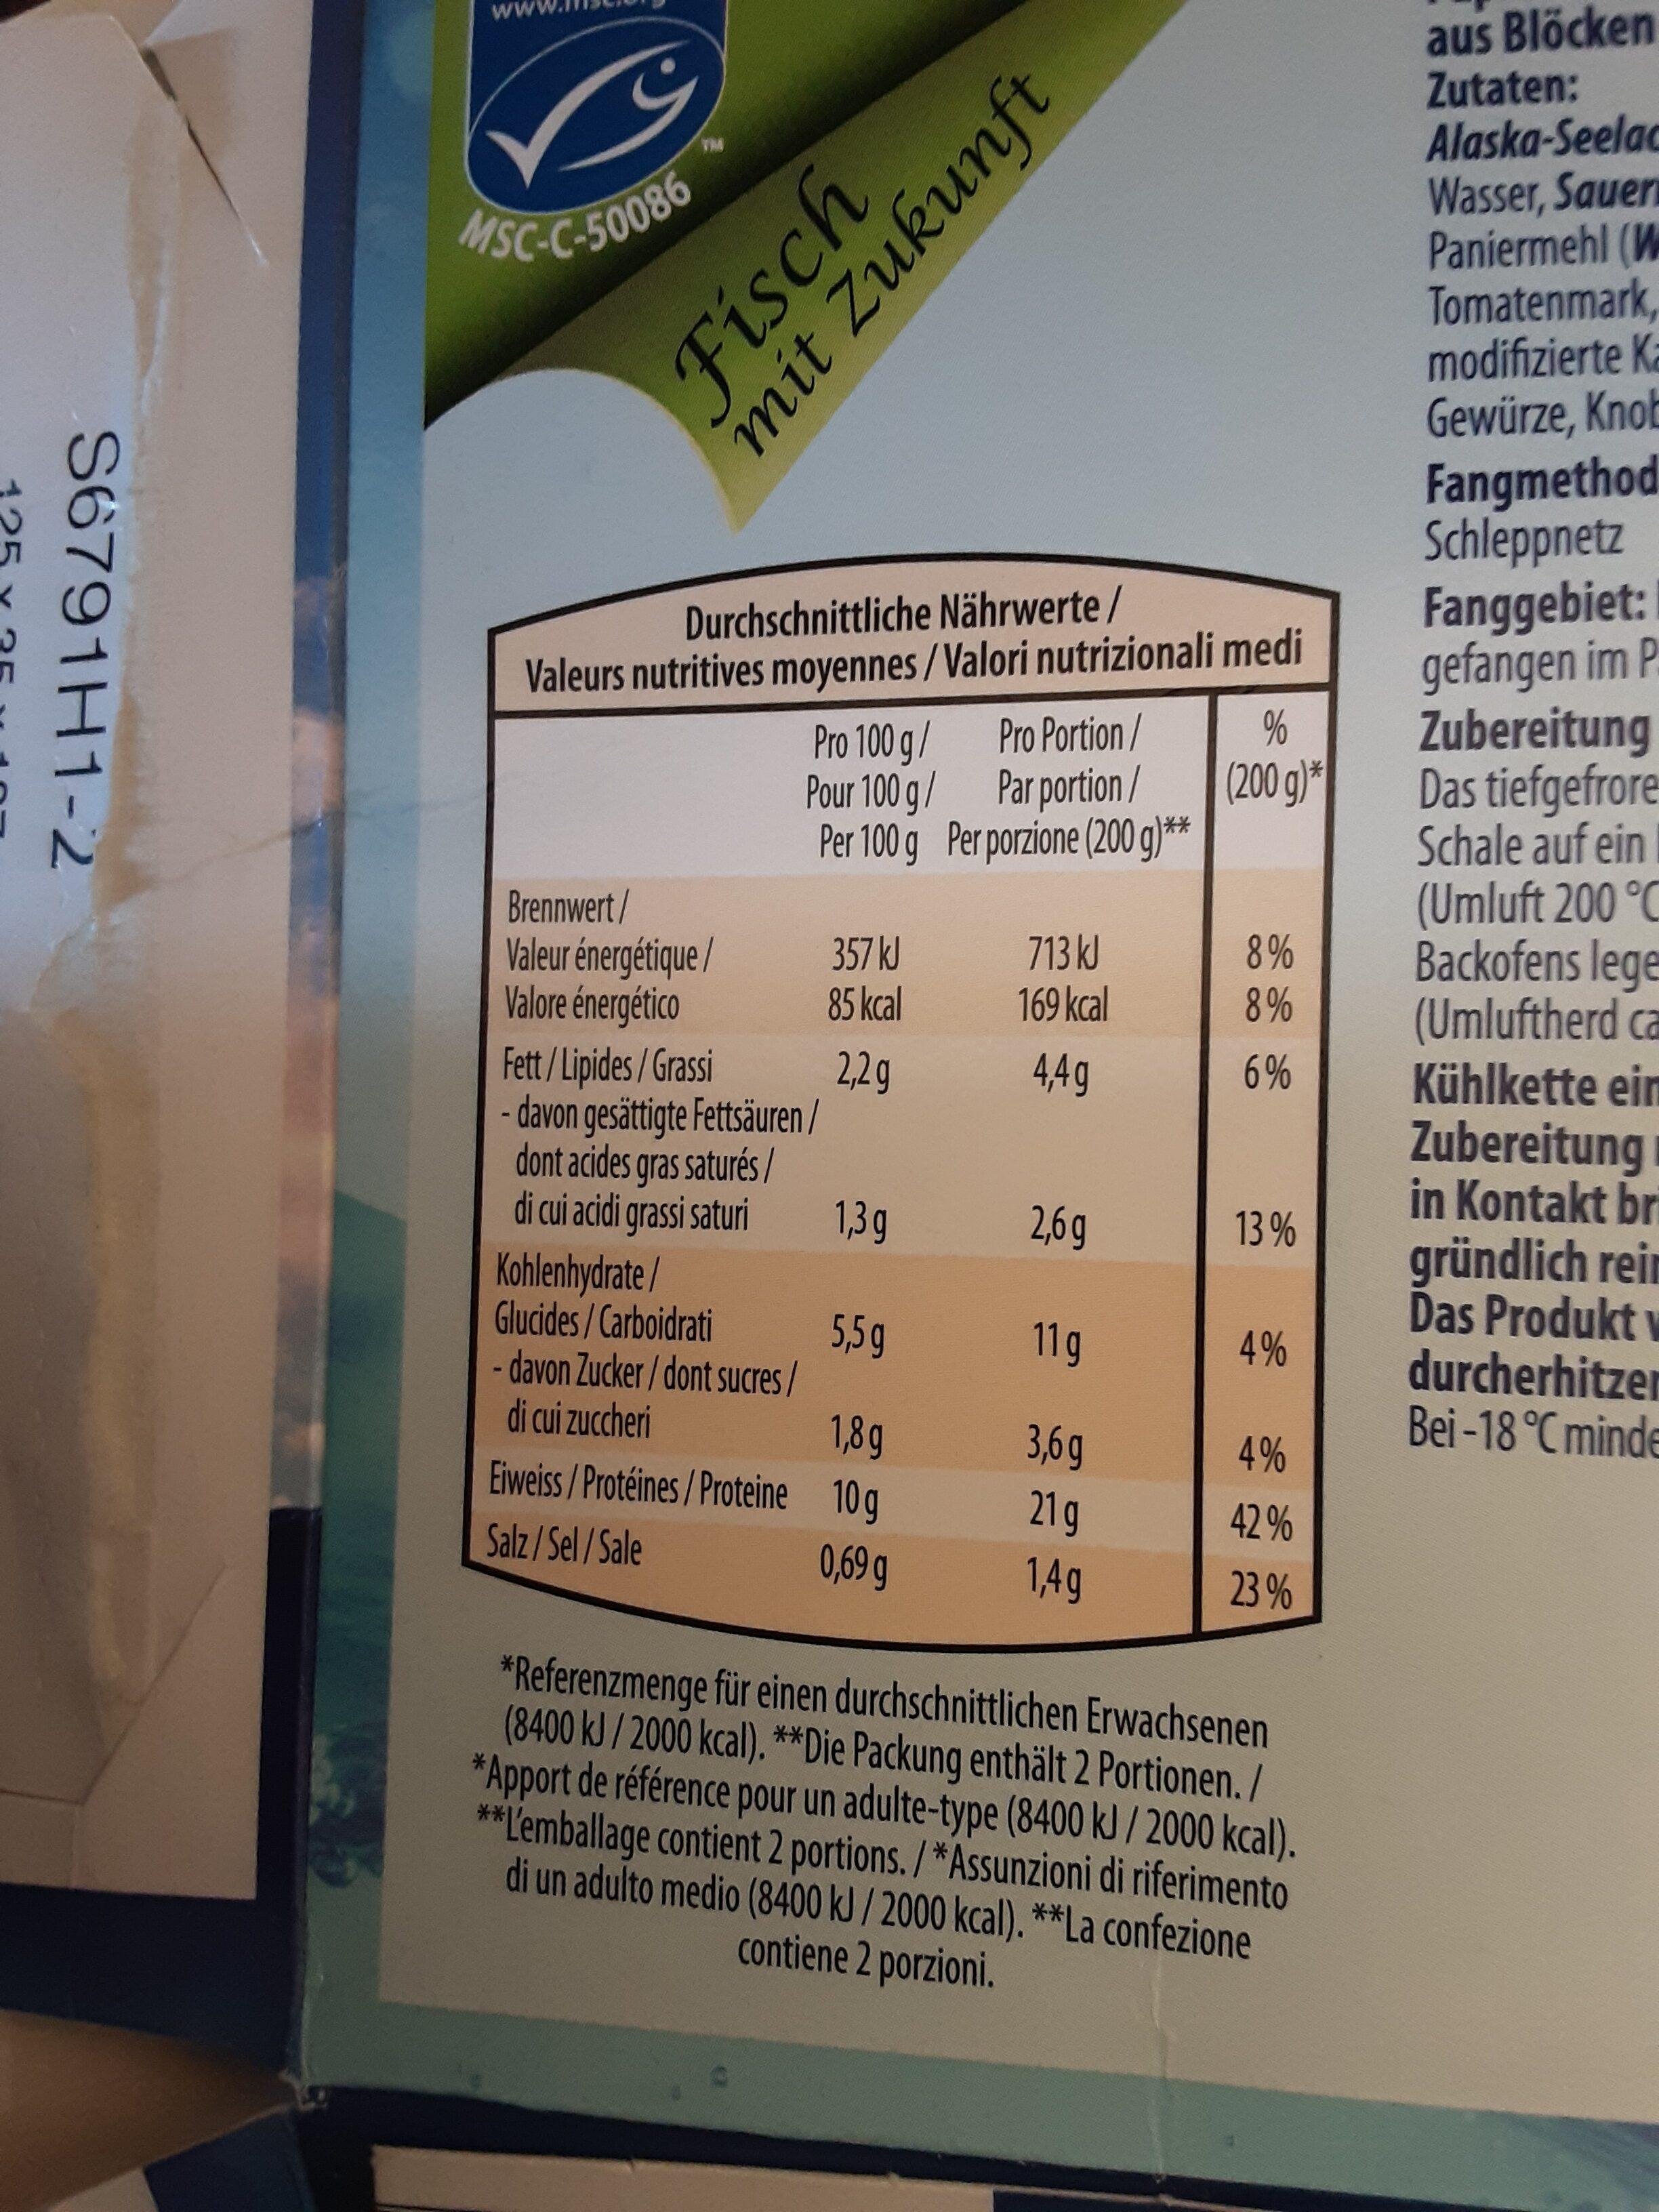 Filet de poisson au four à  l'italienne - Voedingswaarden - fr